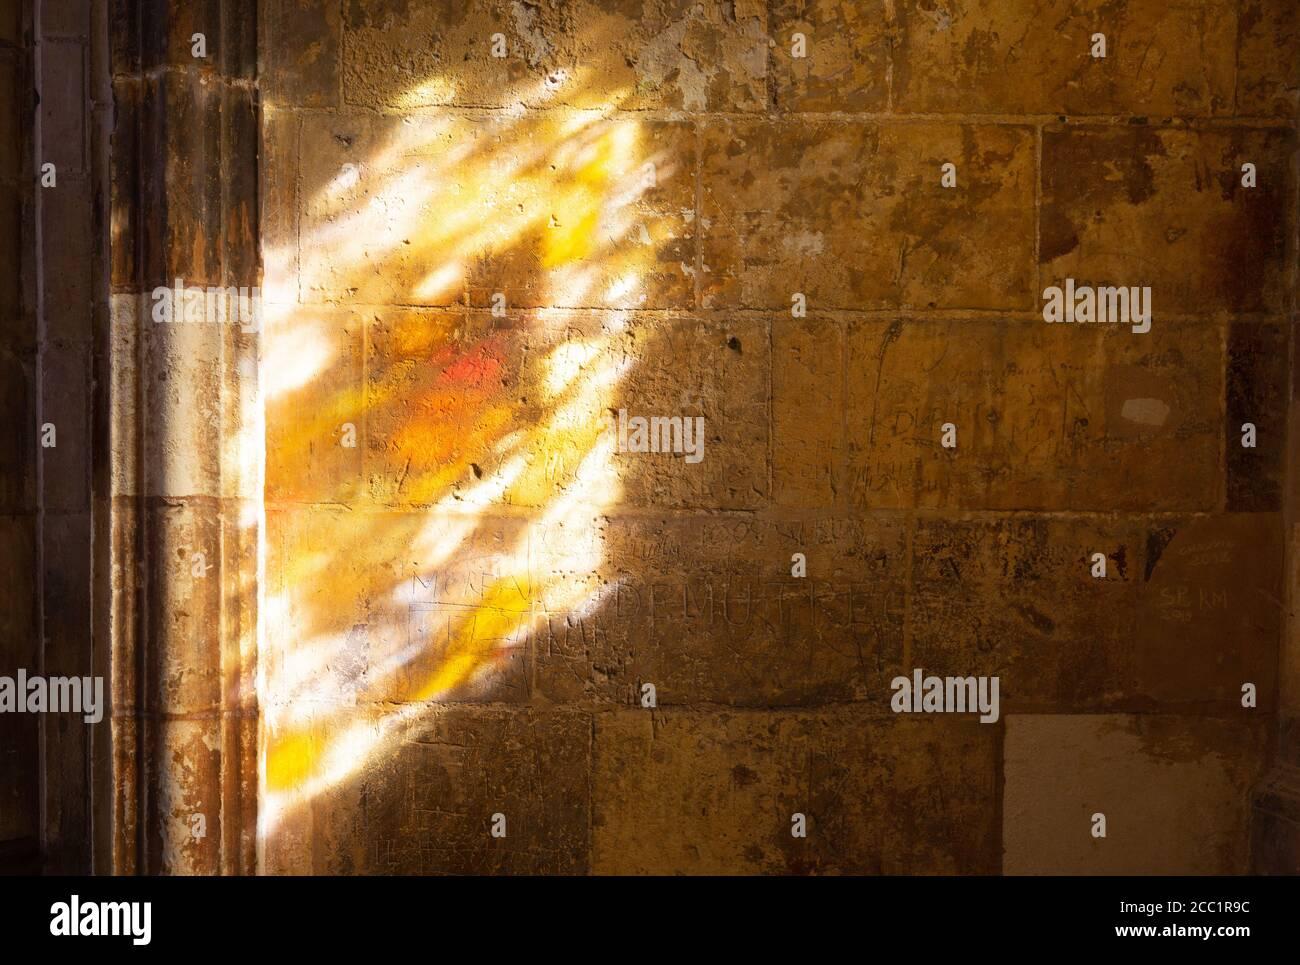 Concepto de religión; una vidriera que arrojaba una luz colorida sobre las paredes medievales de los claustros, Tours Catedral, Tours Francia Foto de stock